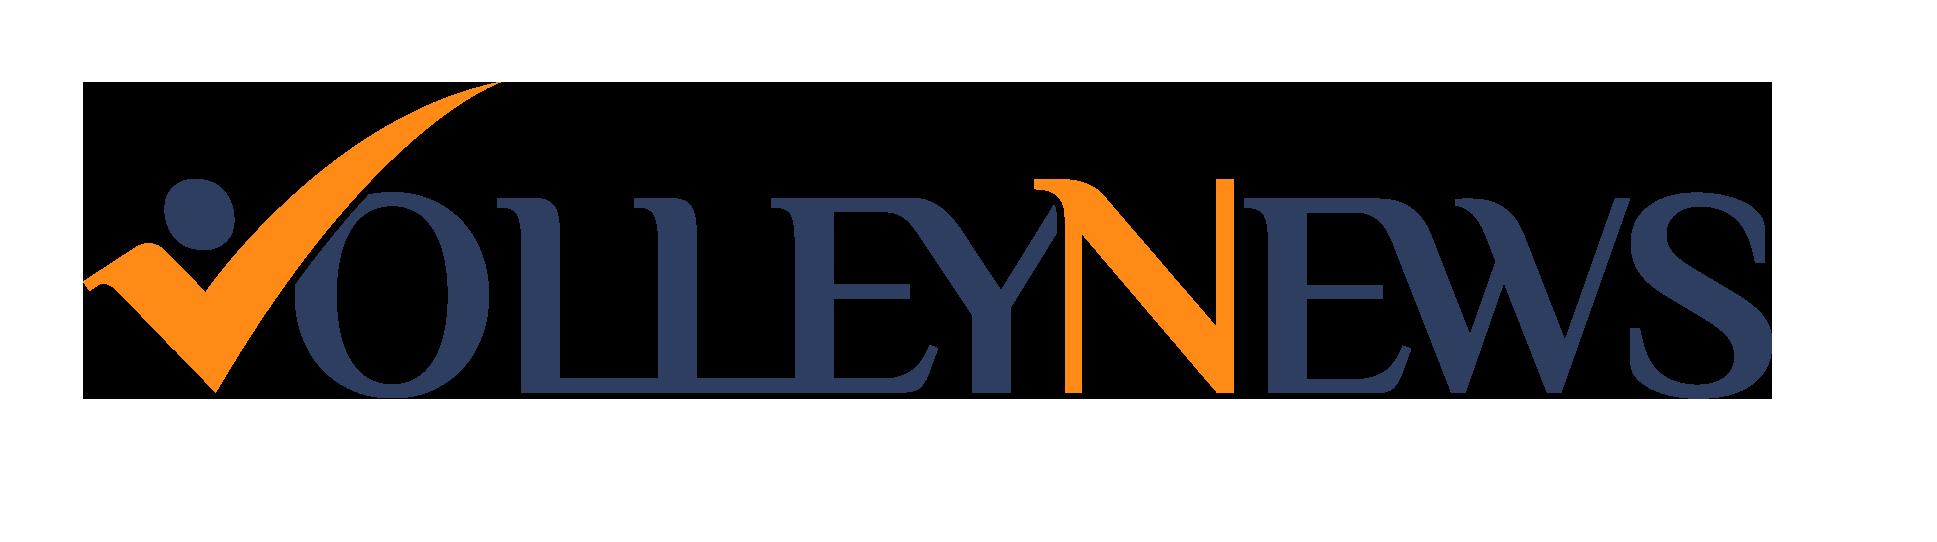 logo volleynews